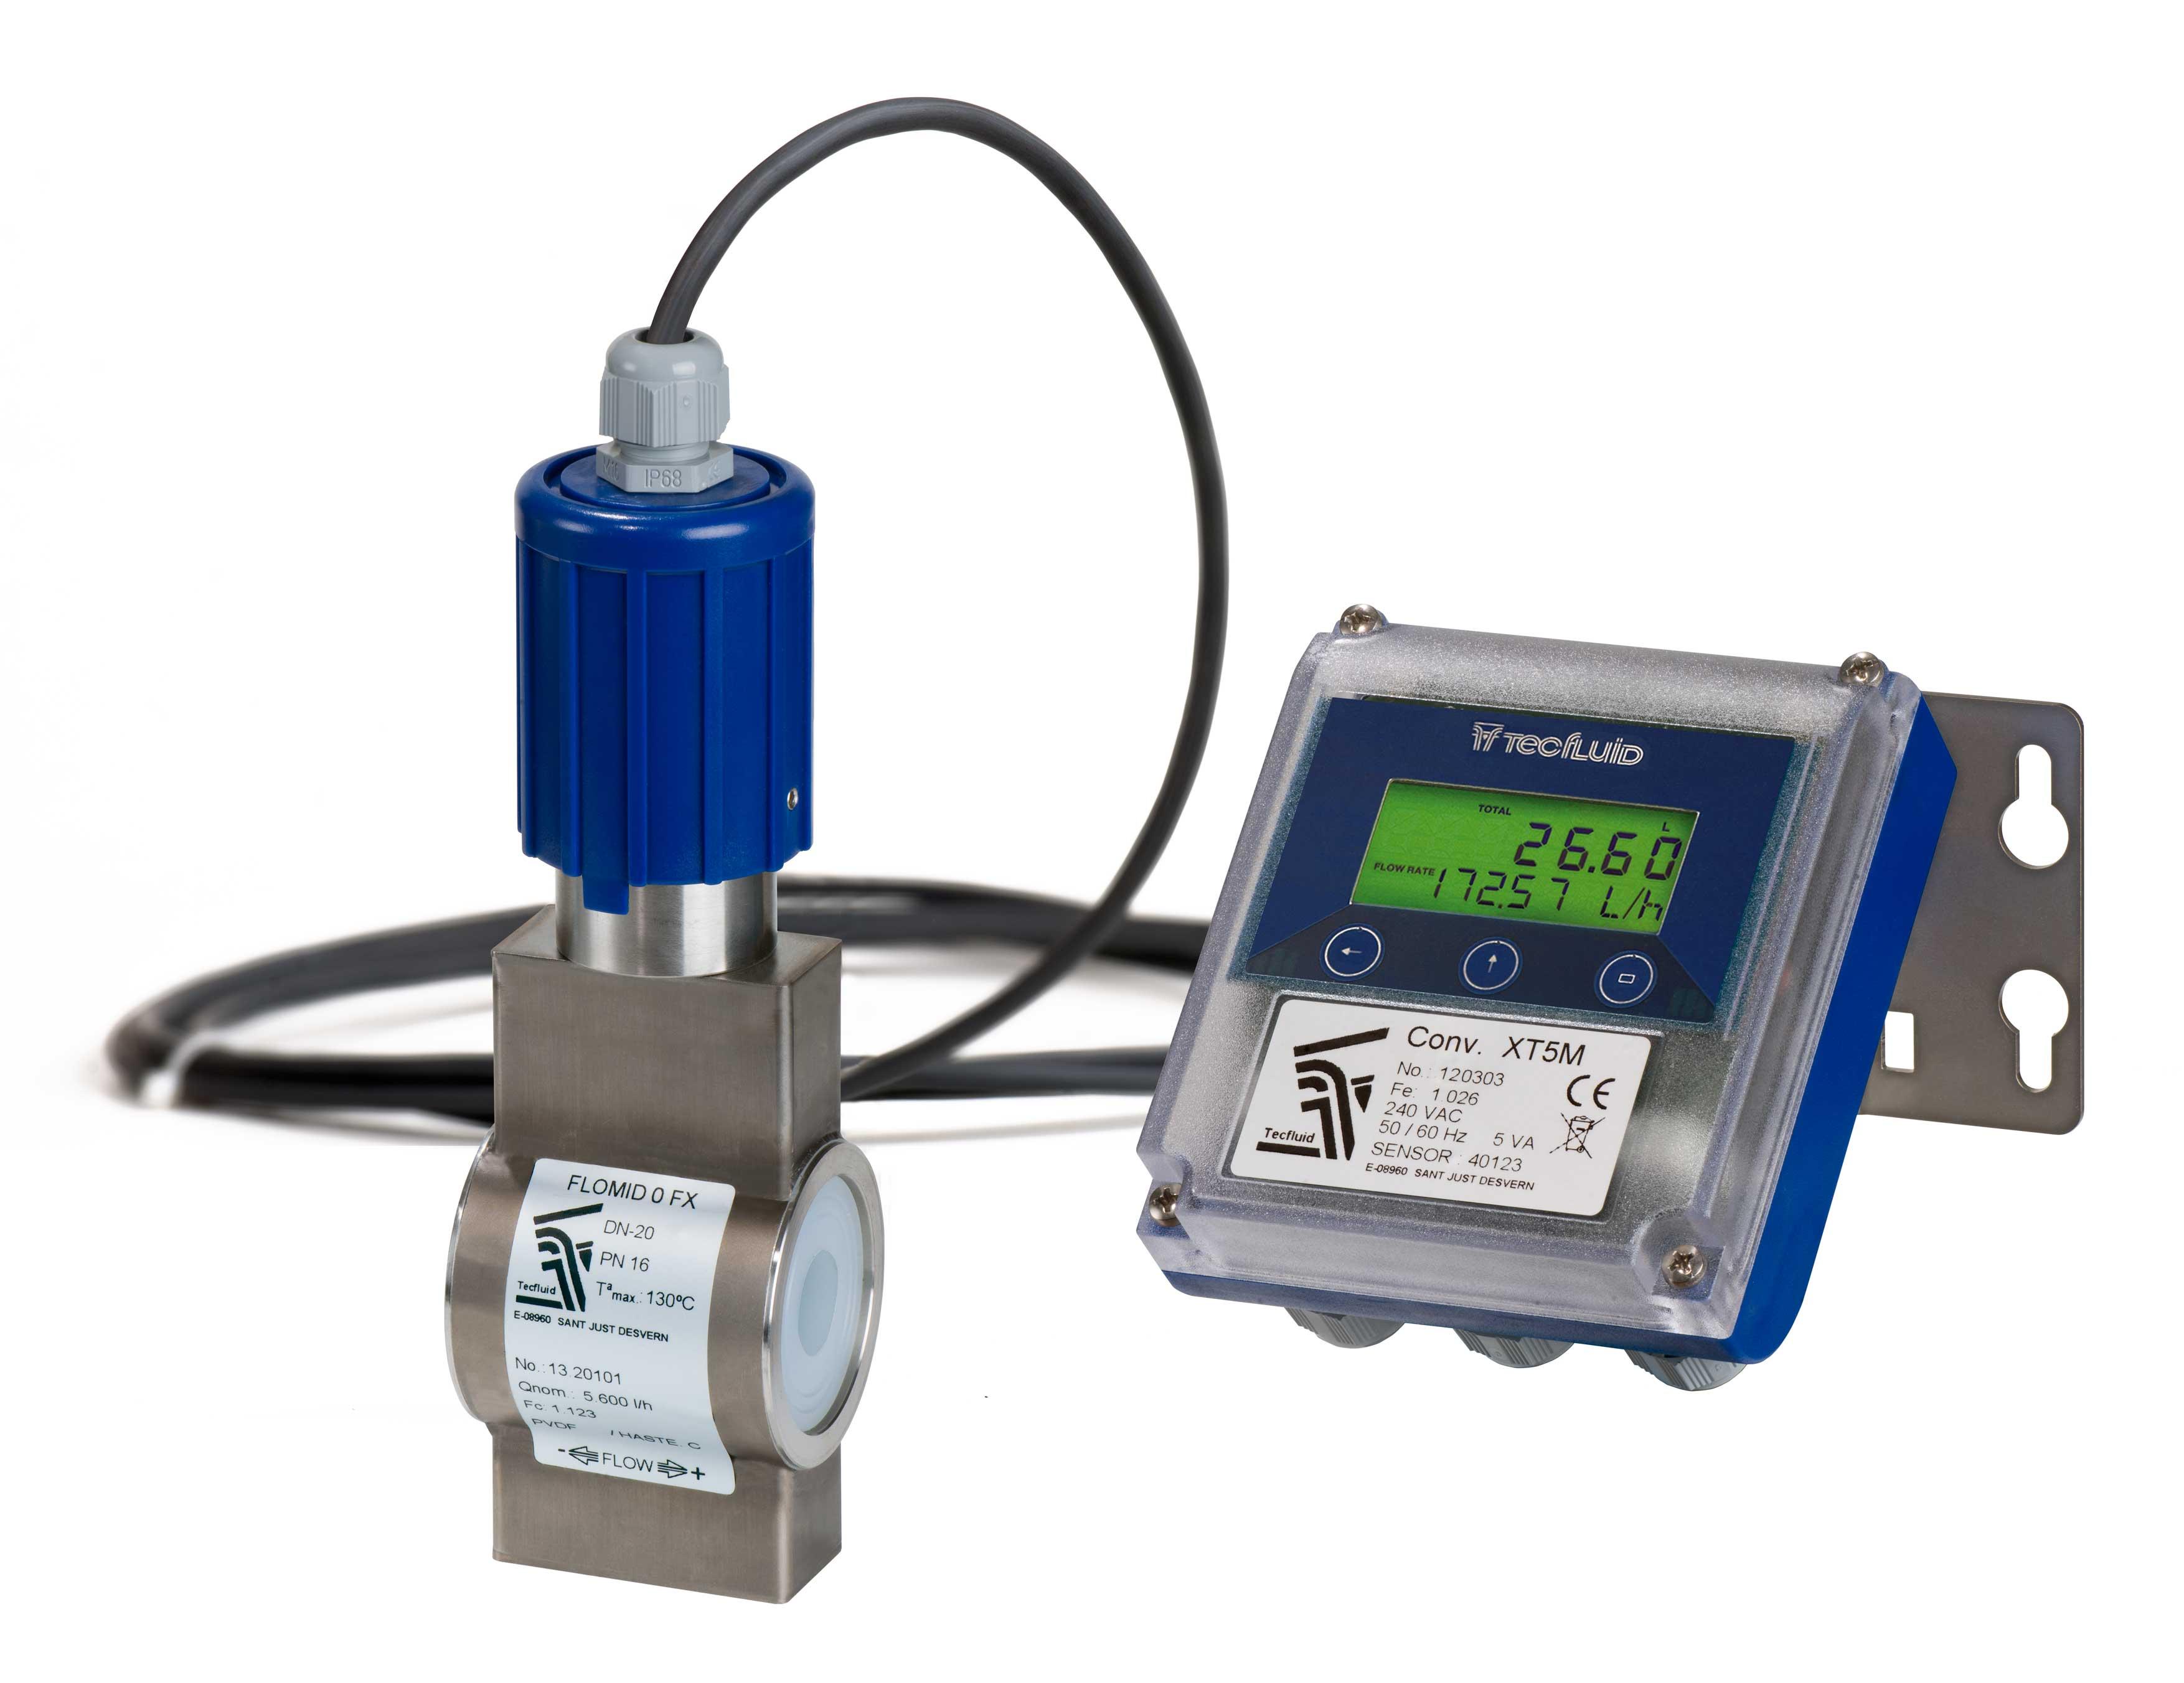 Débitmètre électromagnétique Flomid 0FX